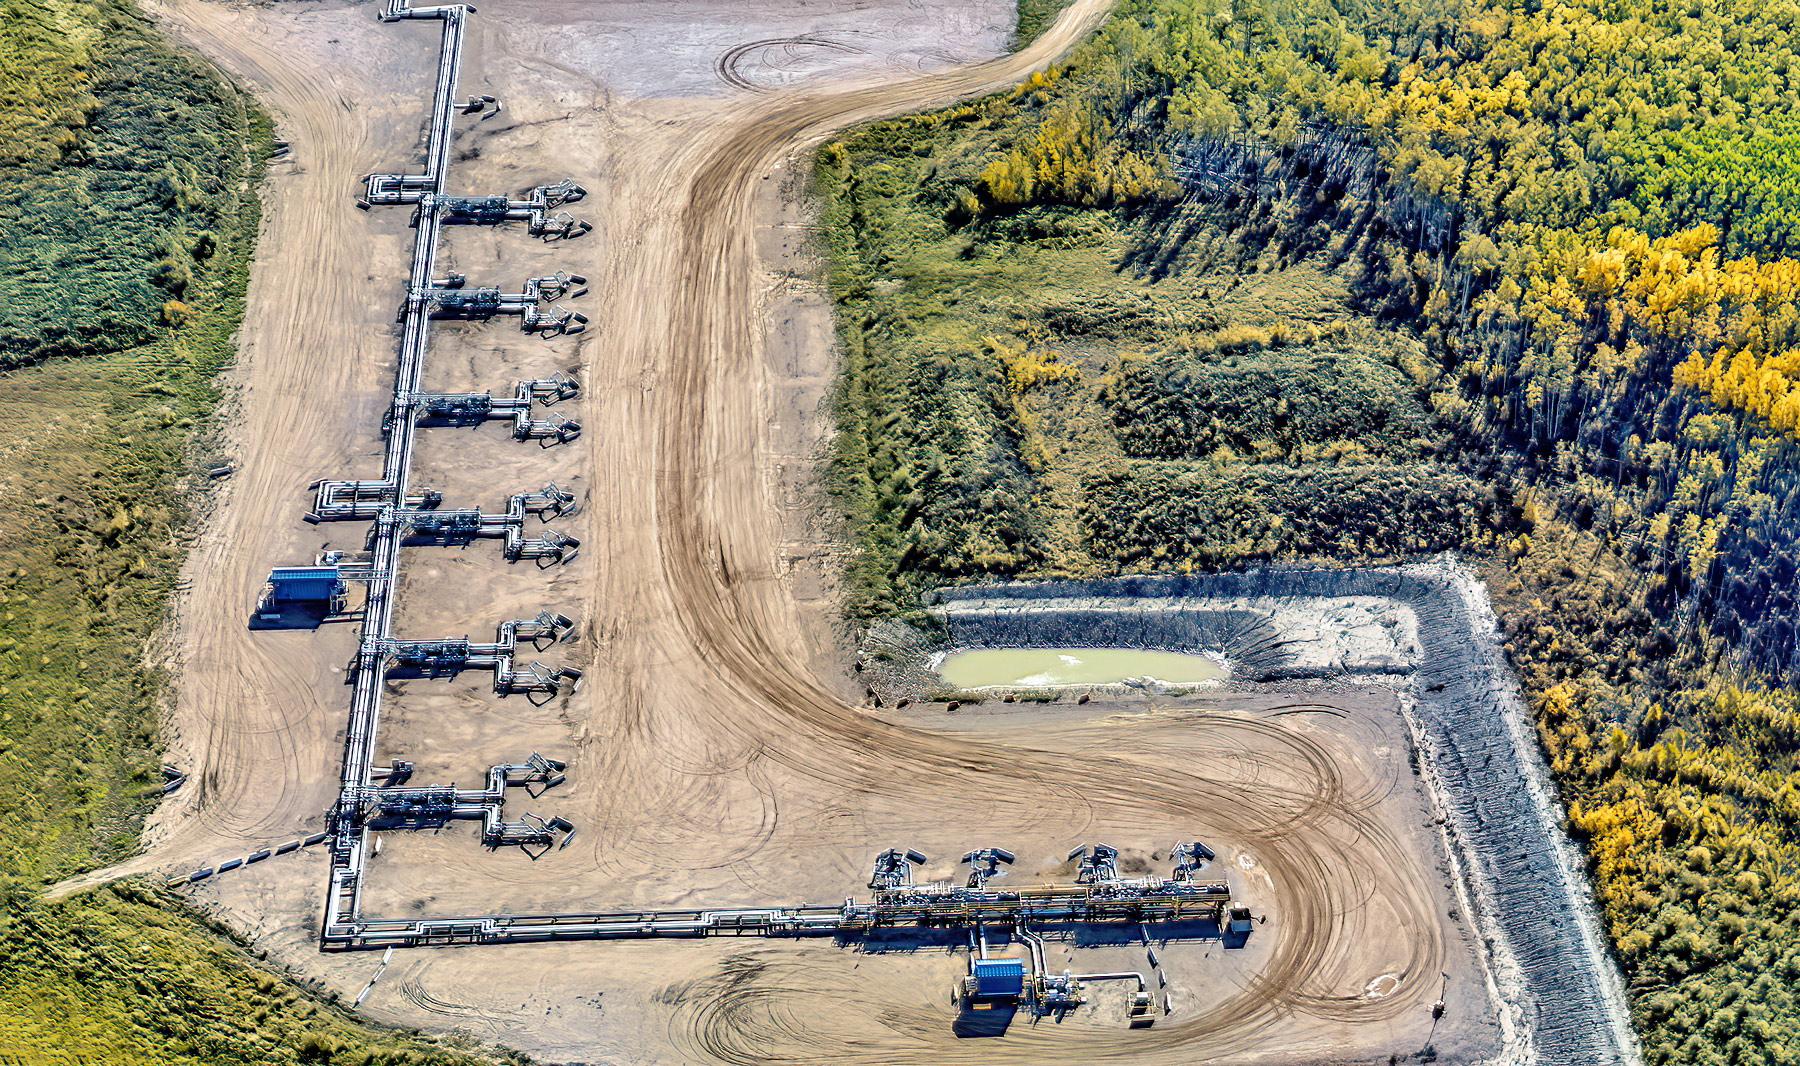 Mackay River Pad Expansion